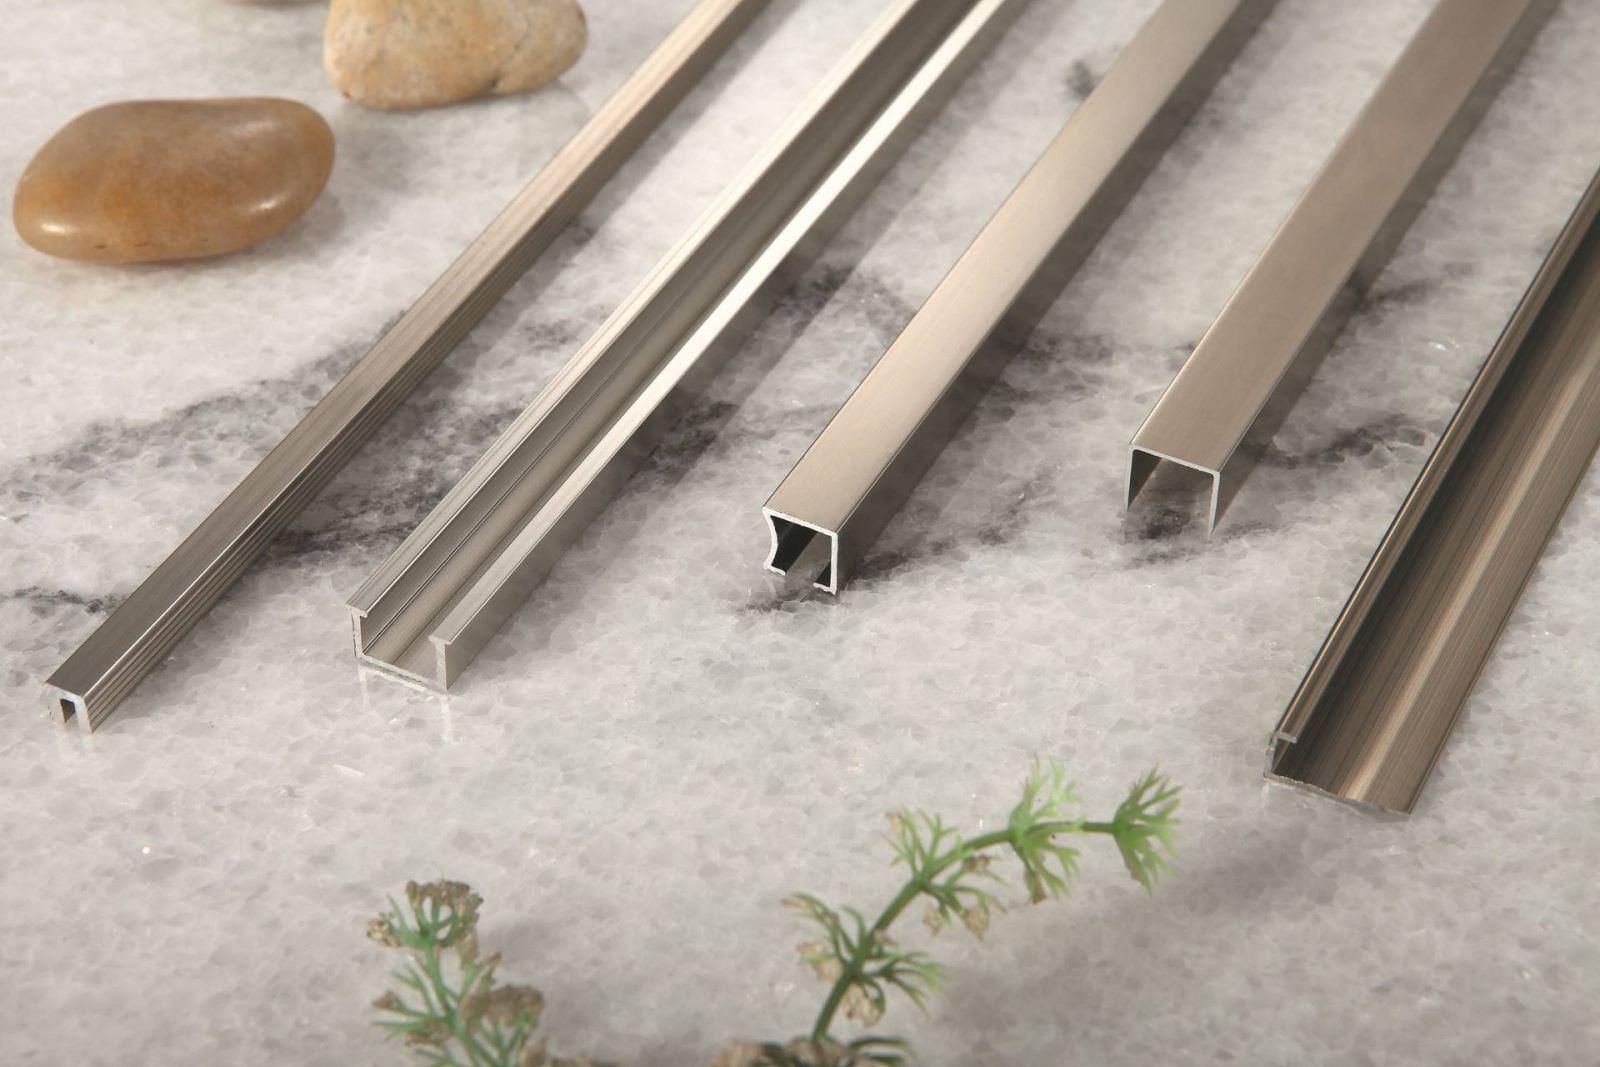 Nẹp trang trí với kiểu dáng và chất liệu đa dạng có thể sử dụng cho nhiều vị trí khác nhau trong ngôi nhà